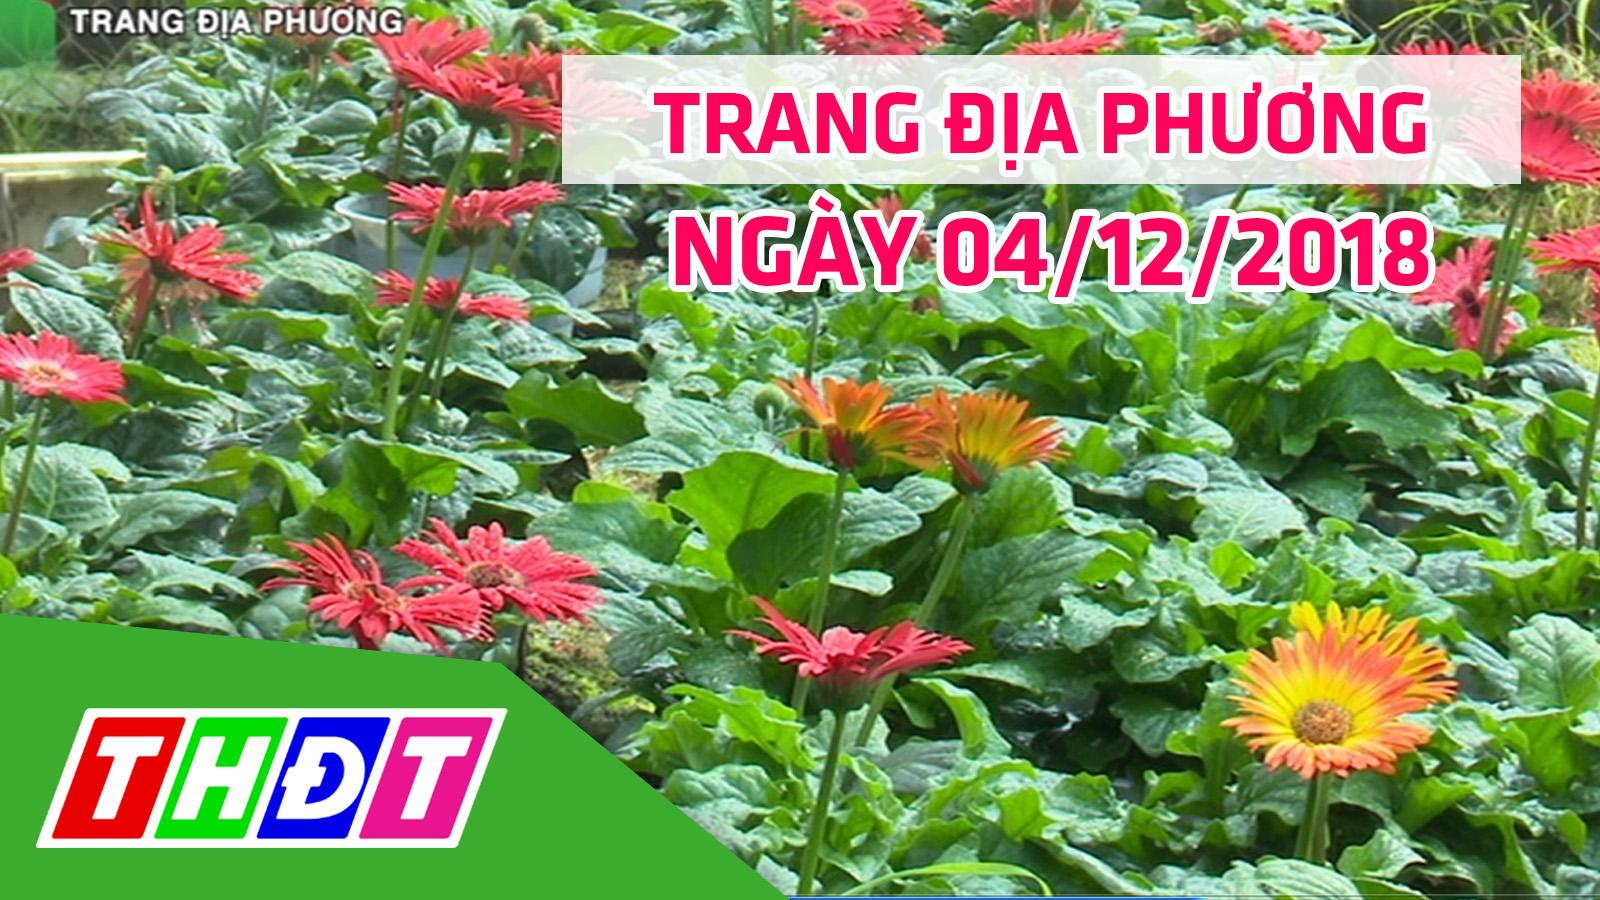 Trang địa phương: H. Tam Nông - Thứ Năm, 06/12/2018